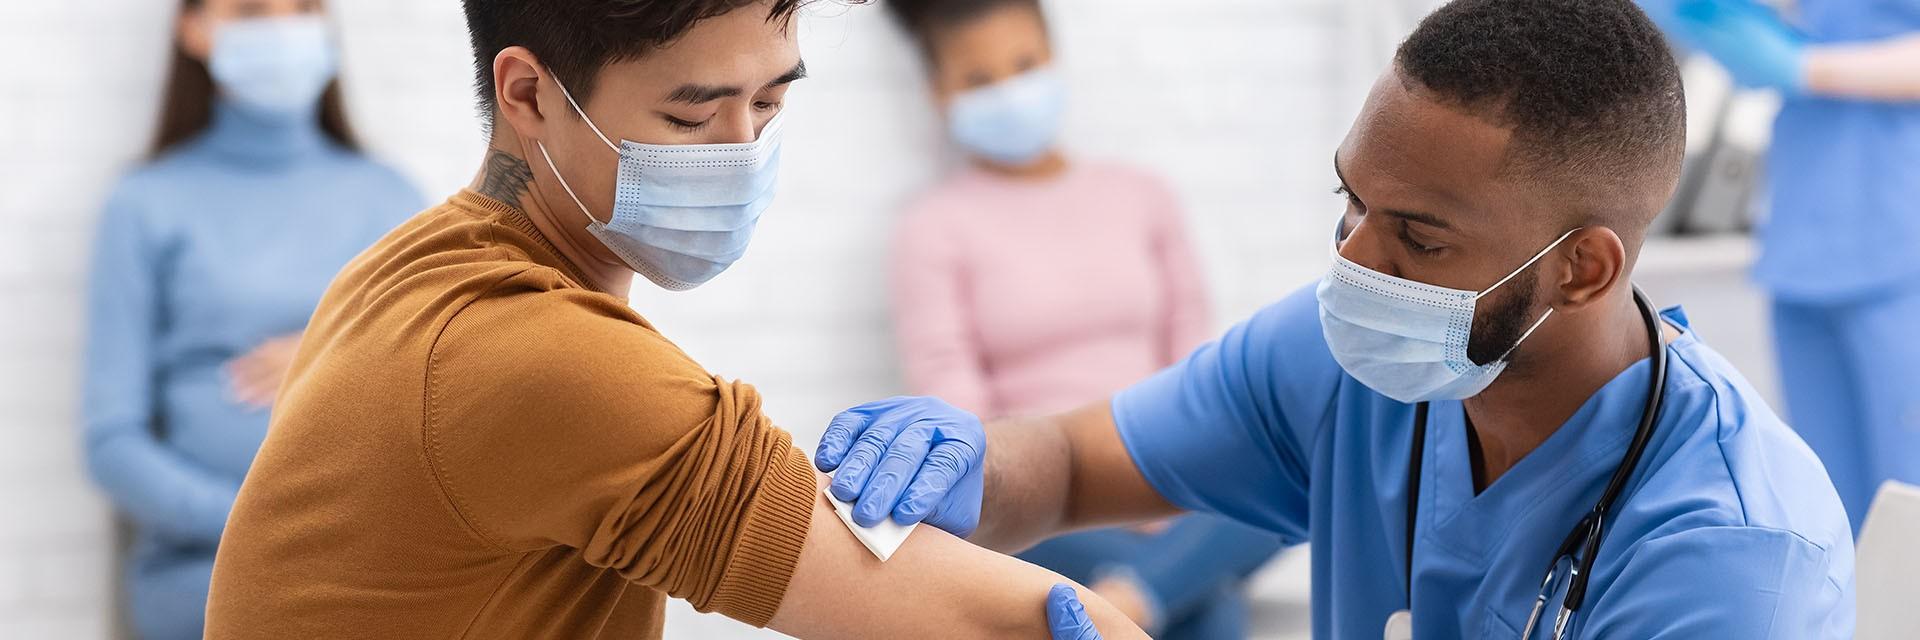 Updated May 2021 - Coronavirus (COVID-19) Resource Center - JAMA - JAMA  Network